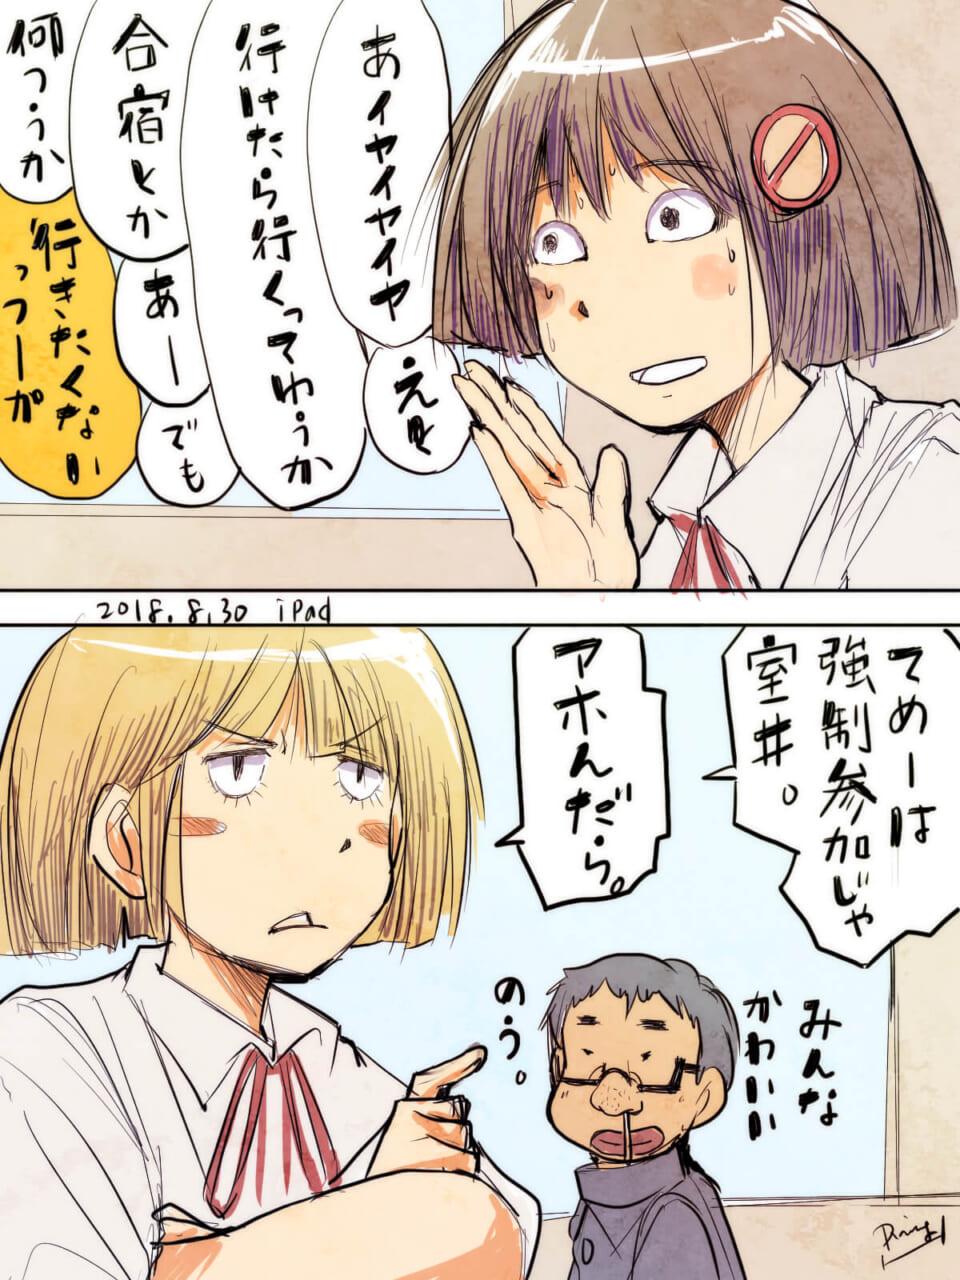 「セキグチと室井ガルザカート」